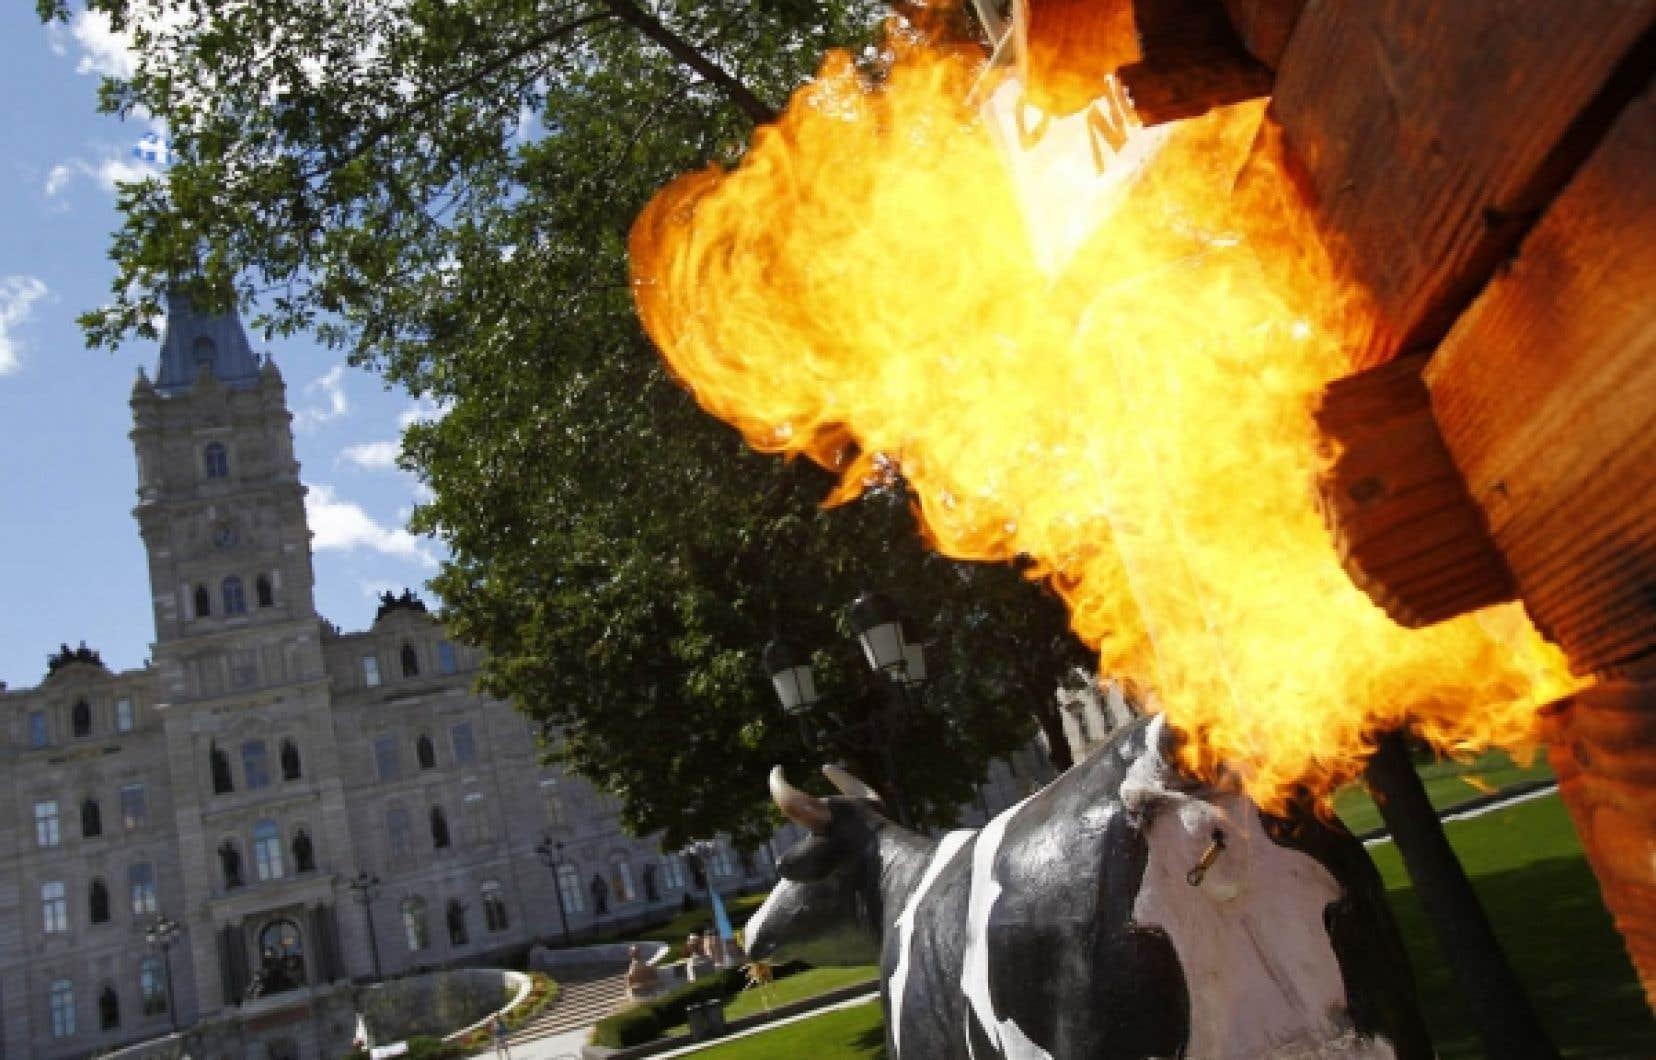 Les opposants &agrave; l&rsquo;exploitation des gaz de schiste n&rsquo;ont pas manqu&eacute; de rappeler une d&eacute;claration de la ministre des Ressources naturelles selon laquelle une vache &eacute;mettait plus de CO2 qu&rsquo;un puits de gaz de schiste.<br />